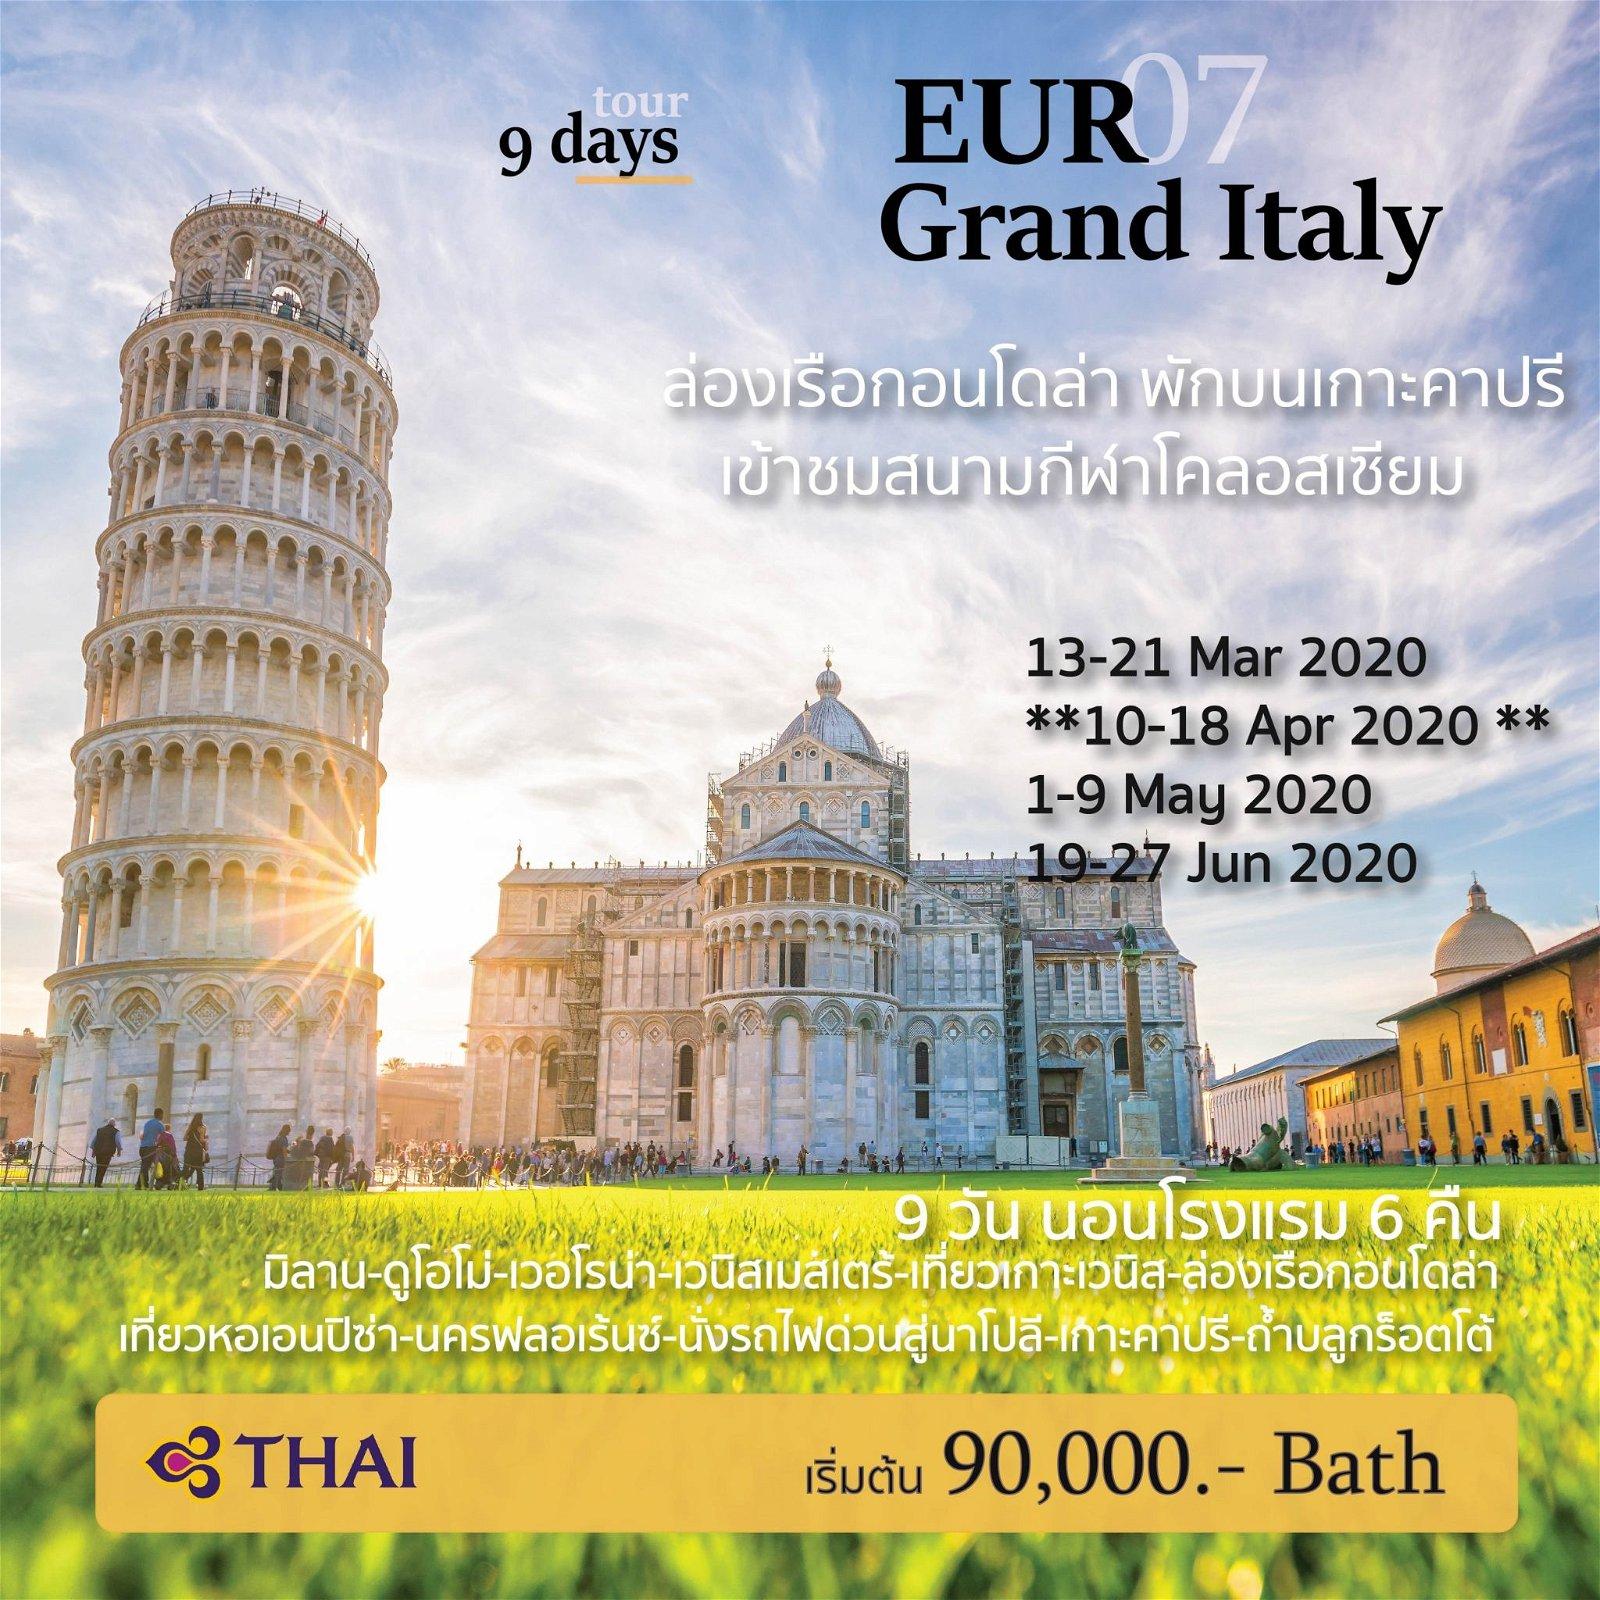 ทัวร์ยุโรป ทัวร์อิตาลี HAPPY TRIPS GRAND ITALY TOUR 9D6N HDS-EUR07-TG96